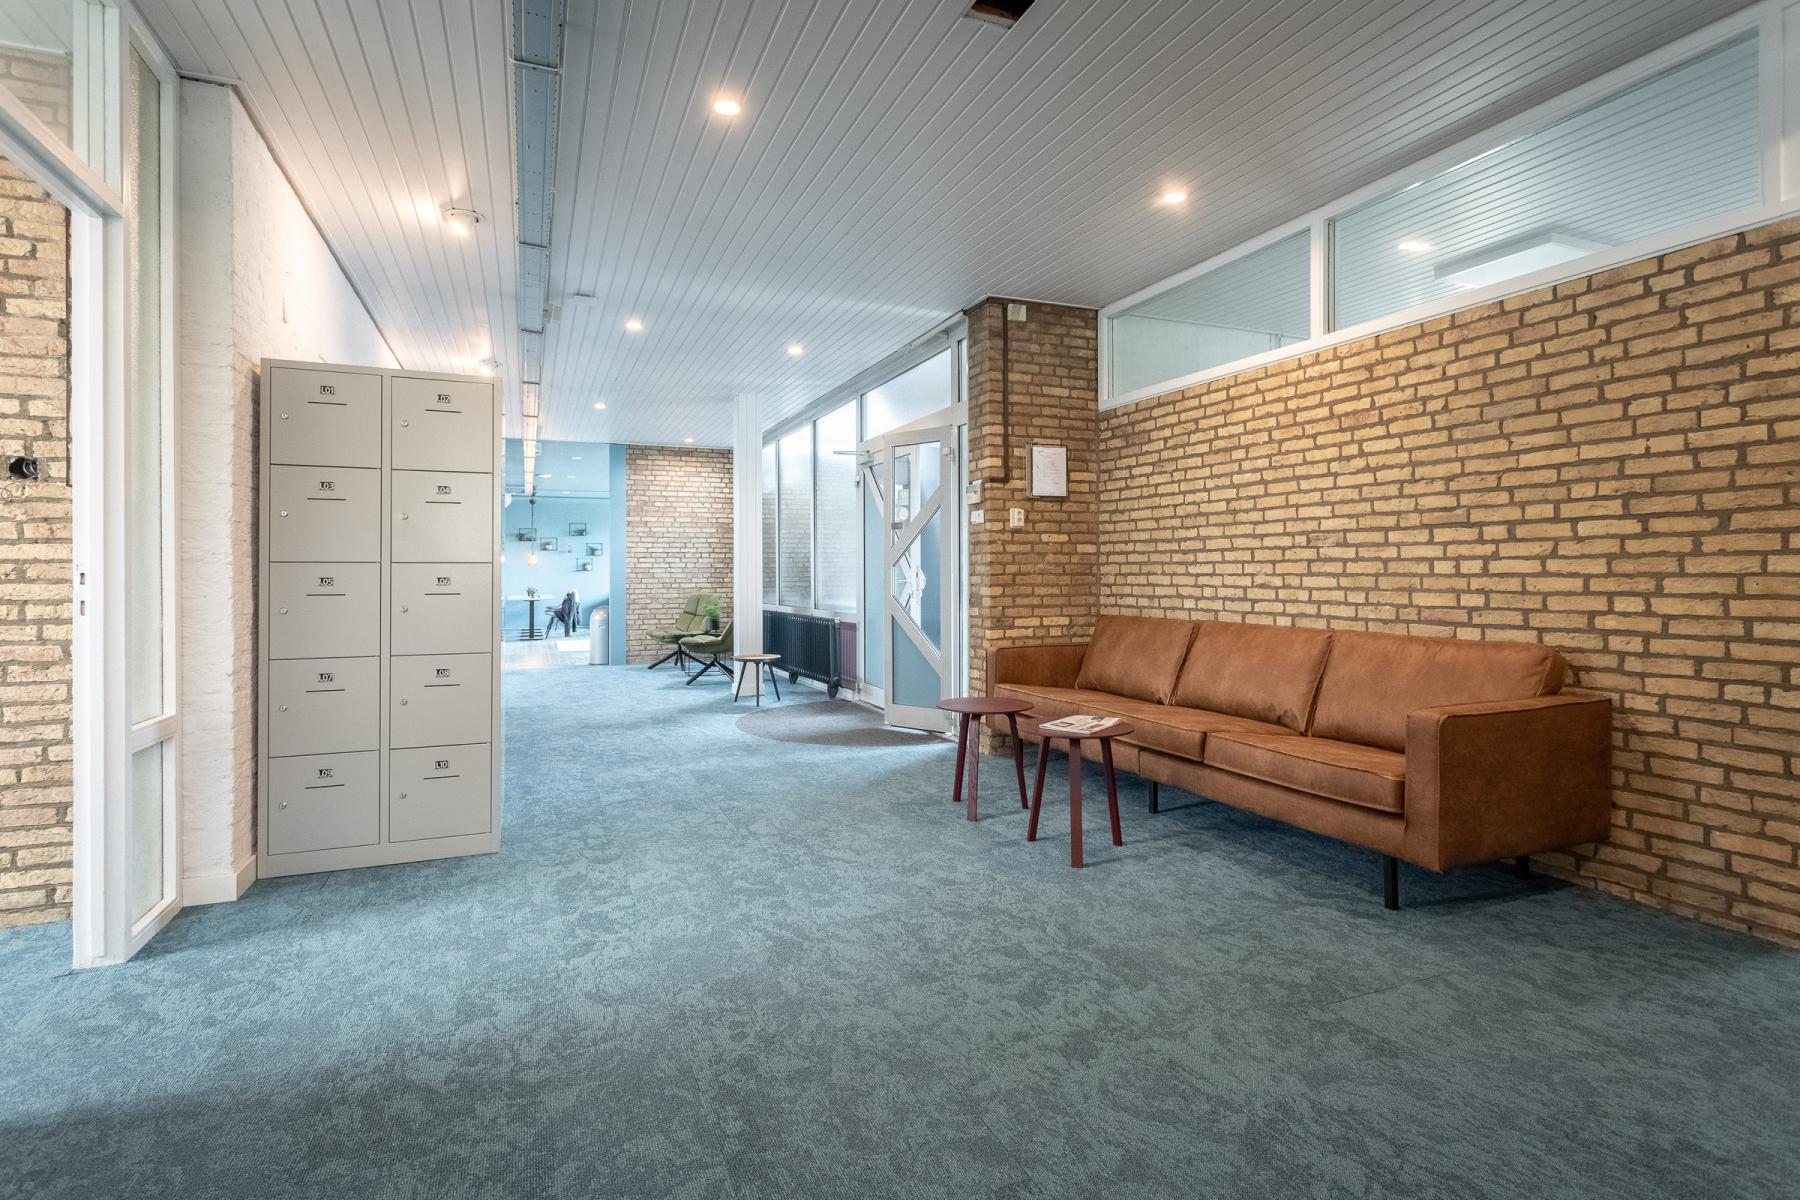 Centrale hal kluisjes hangplekken kantoorruimte